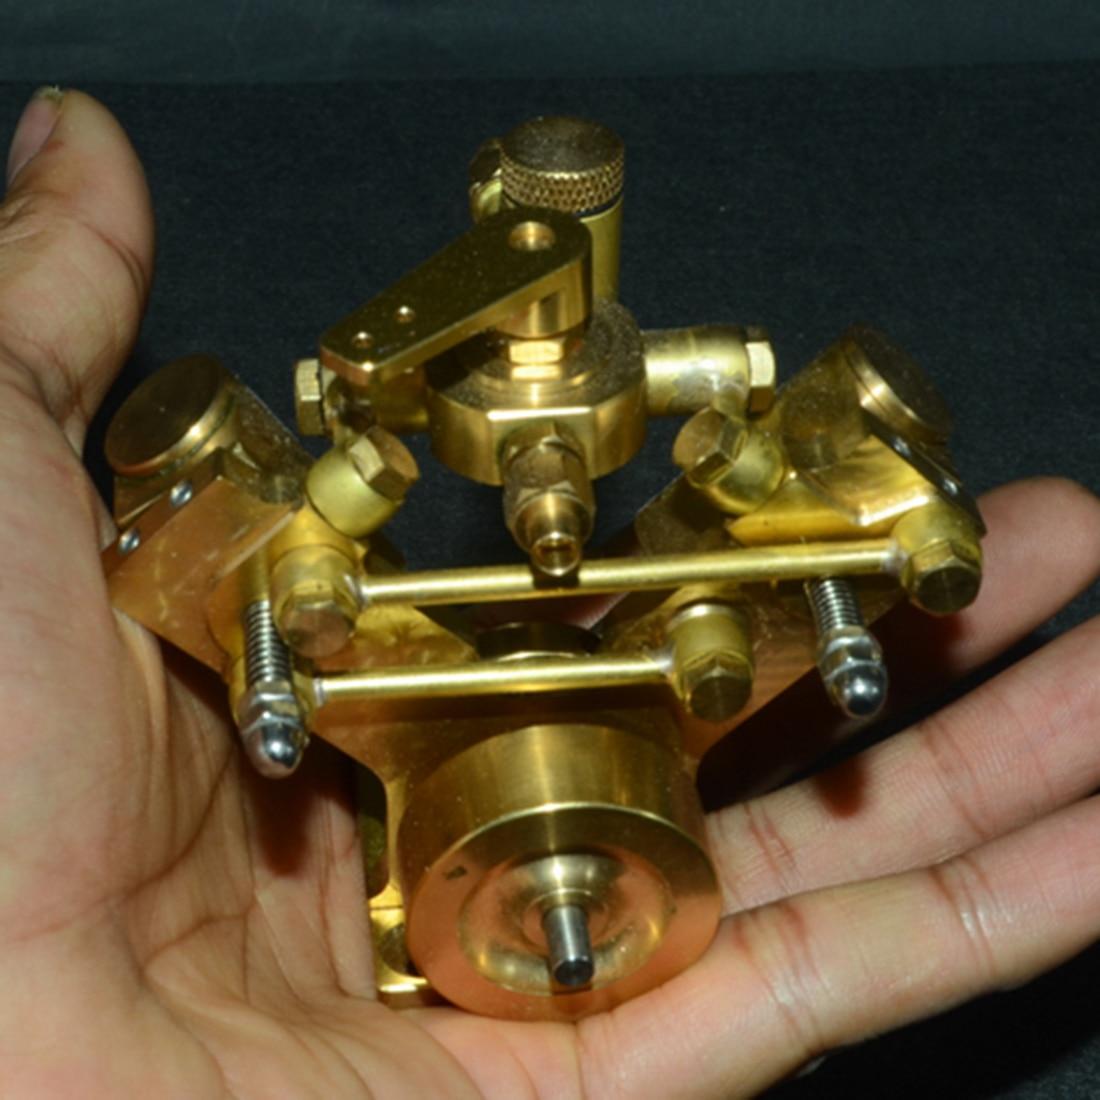 8.5X8.2X7.4 CM v-forme Mini pur cuivre modèle de moteur à vapeur sans chaudière Creative Science jouets ensemble cadeau pour enfants adulte